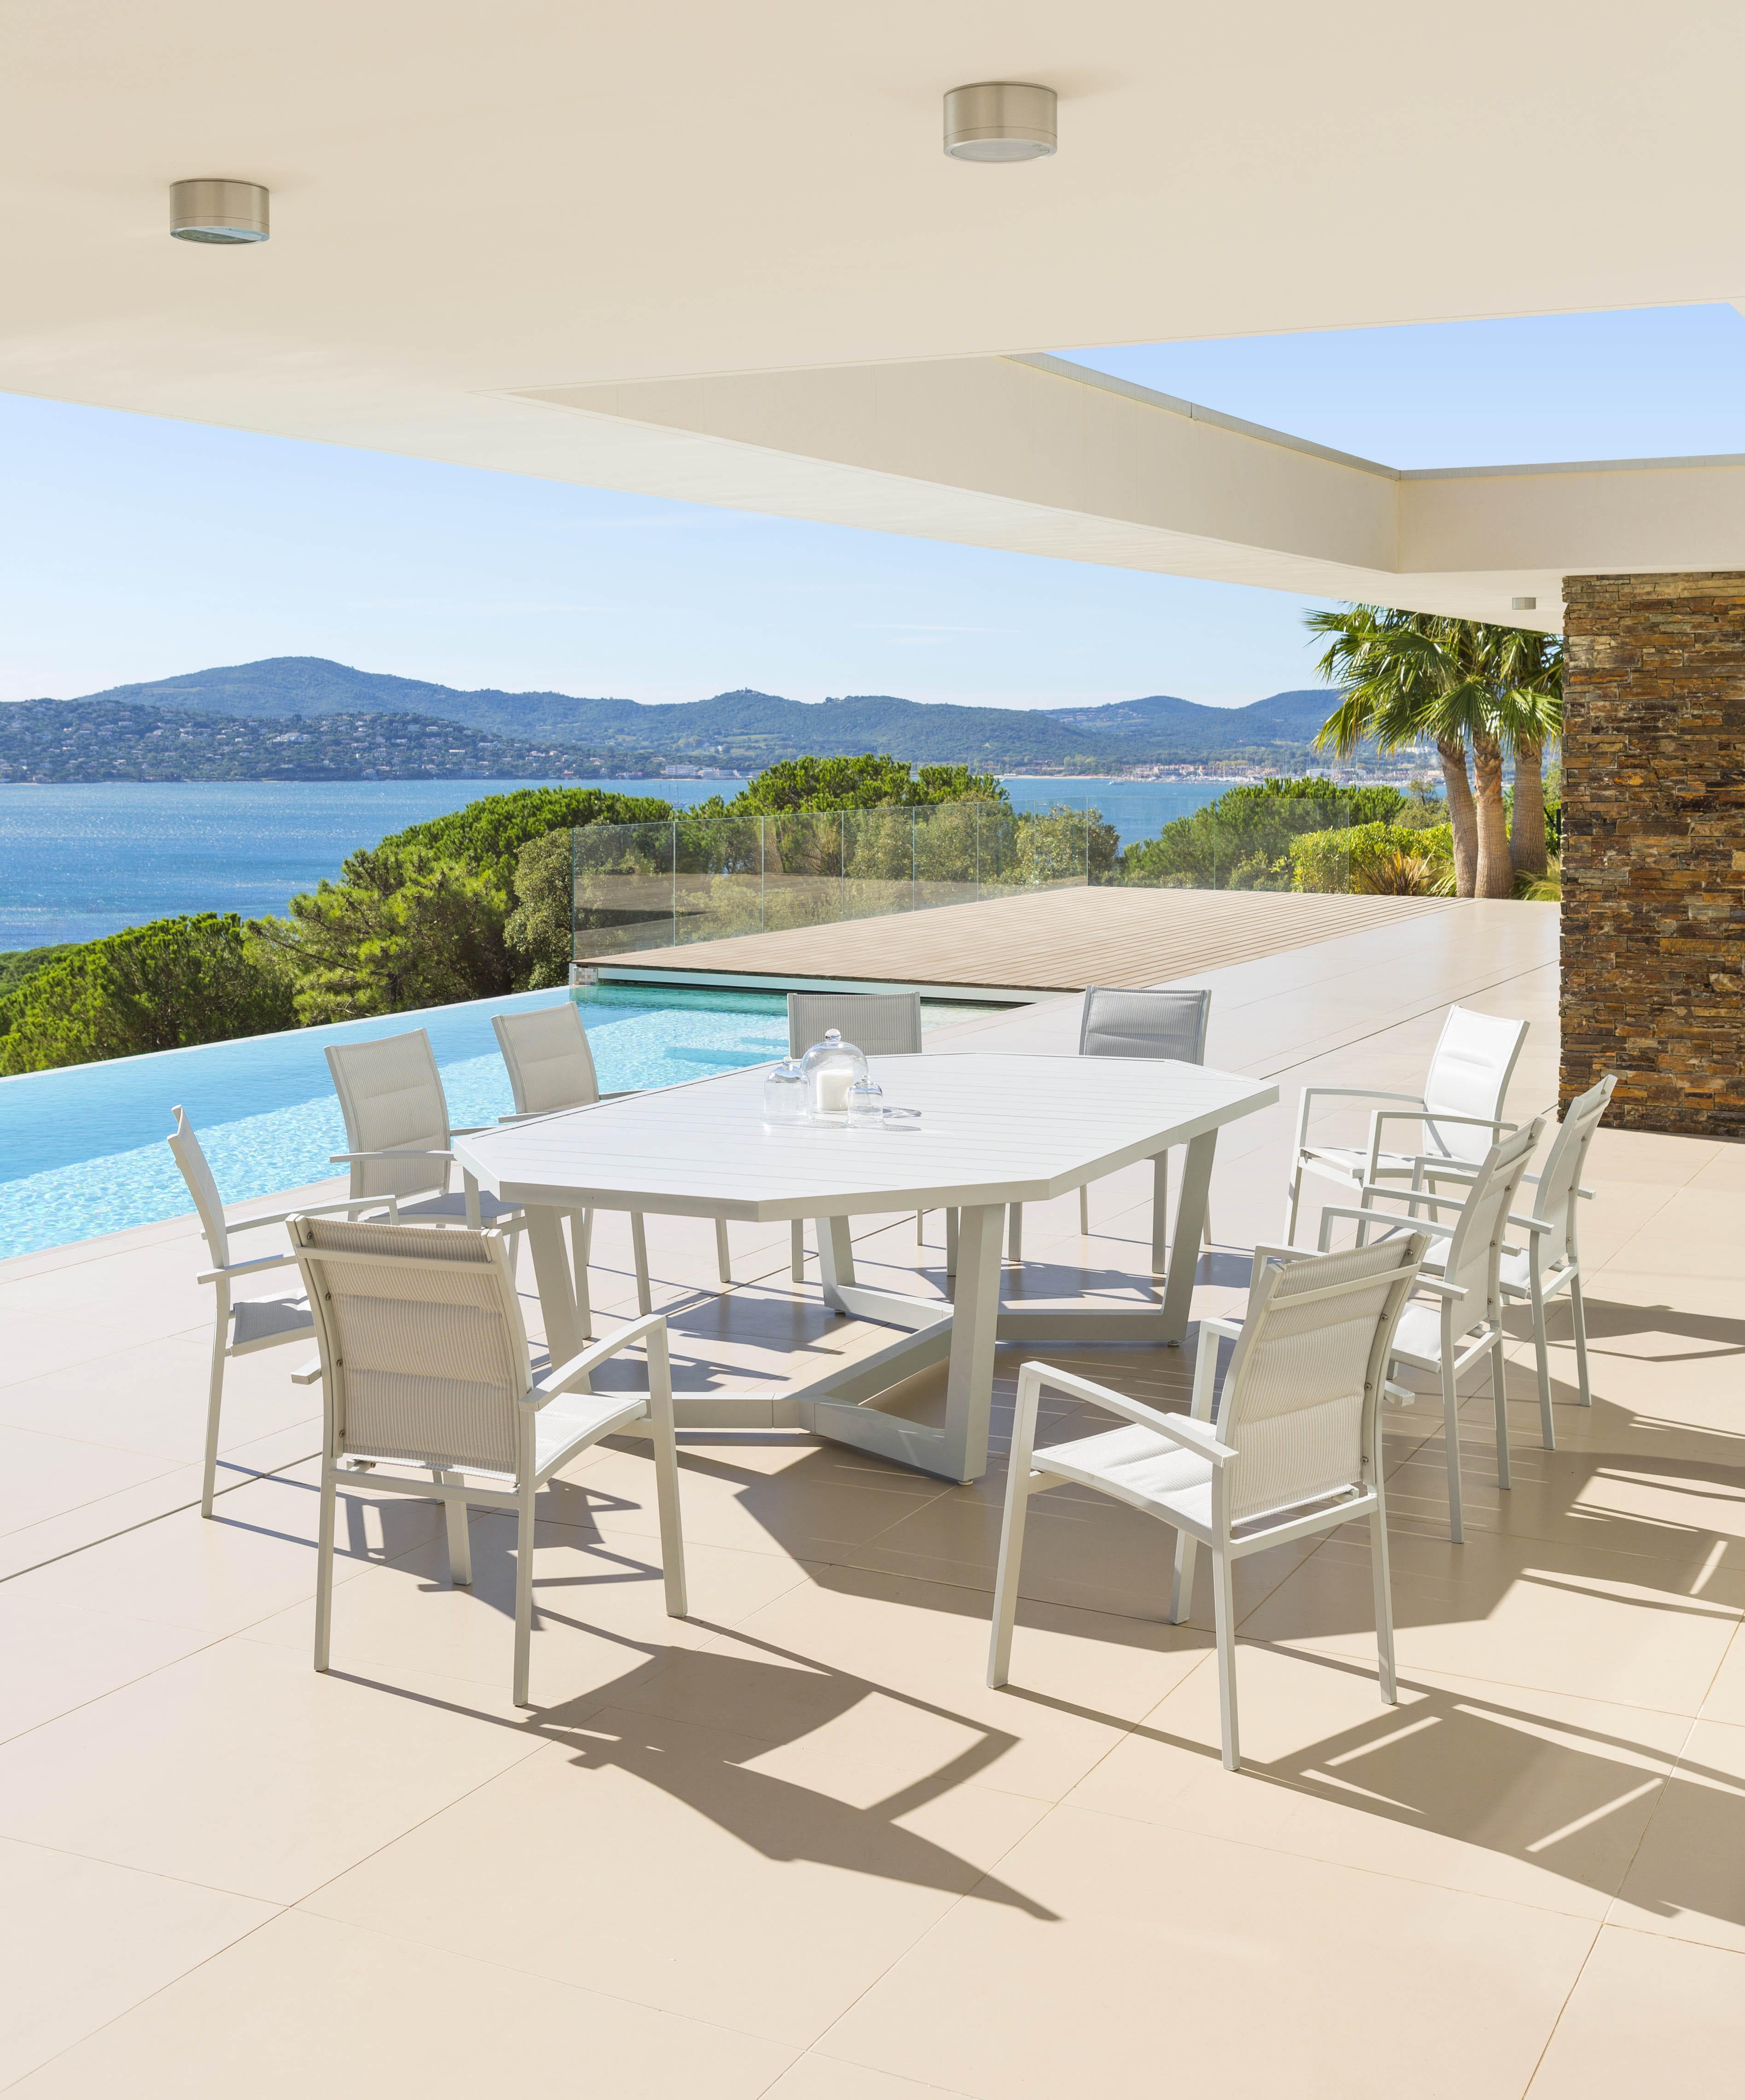 10255105-salon-de-jardin-olympe-chez-hesperide Luxe De Salon De Jardin Allibert California Concept